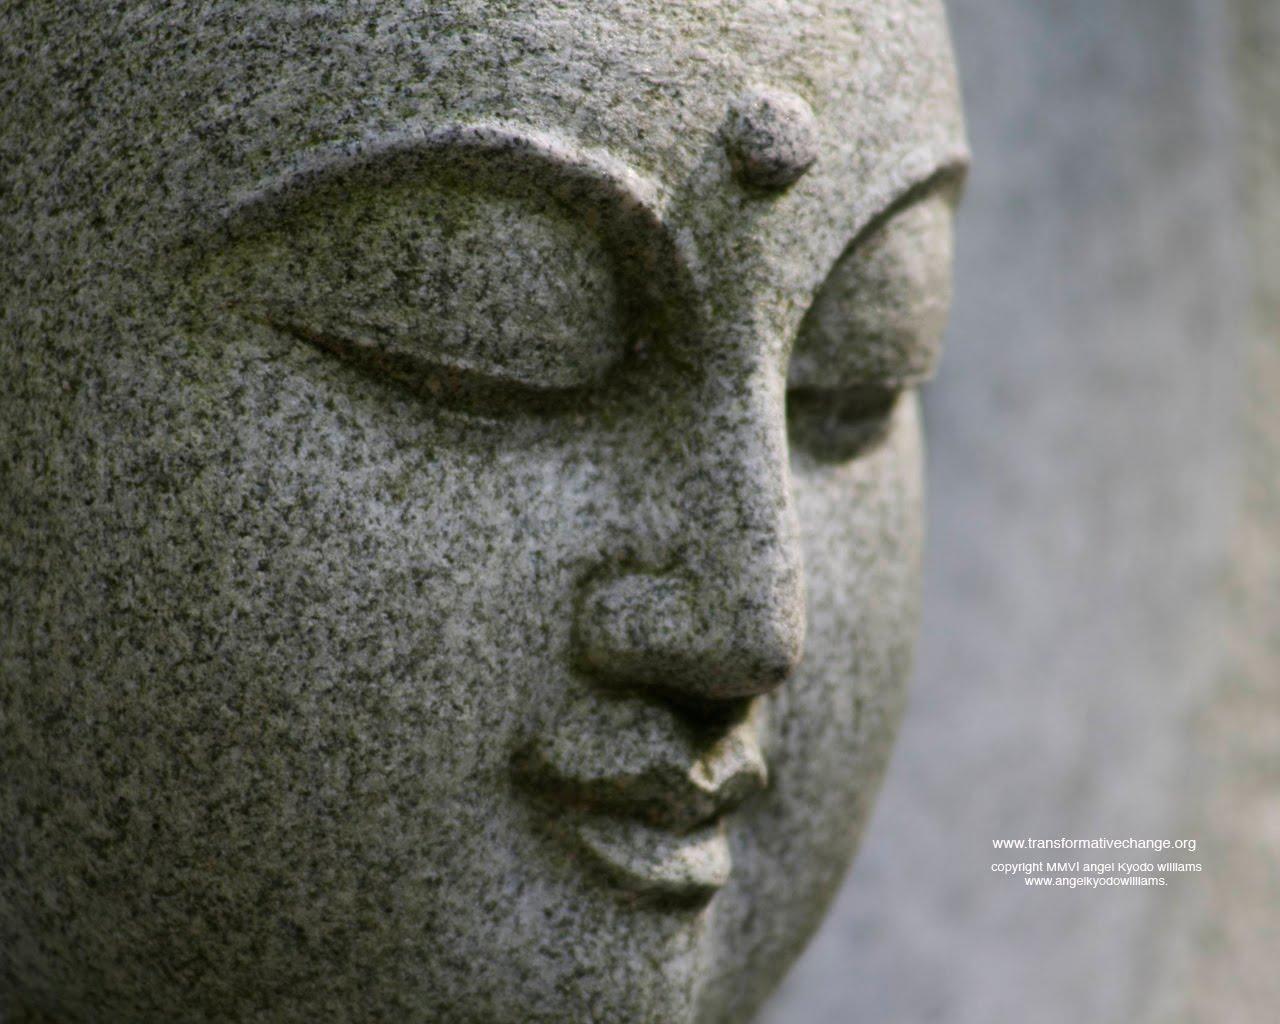 http://1.bp.blogspot.com/_rOi2Syc7q40/TT7tyV2vCaI/AAAAAAAADU4/DUj5fMLnLbo/s1600/wallpaper-Jan09_buddha_wo.jpg